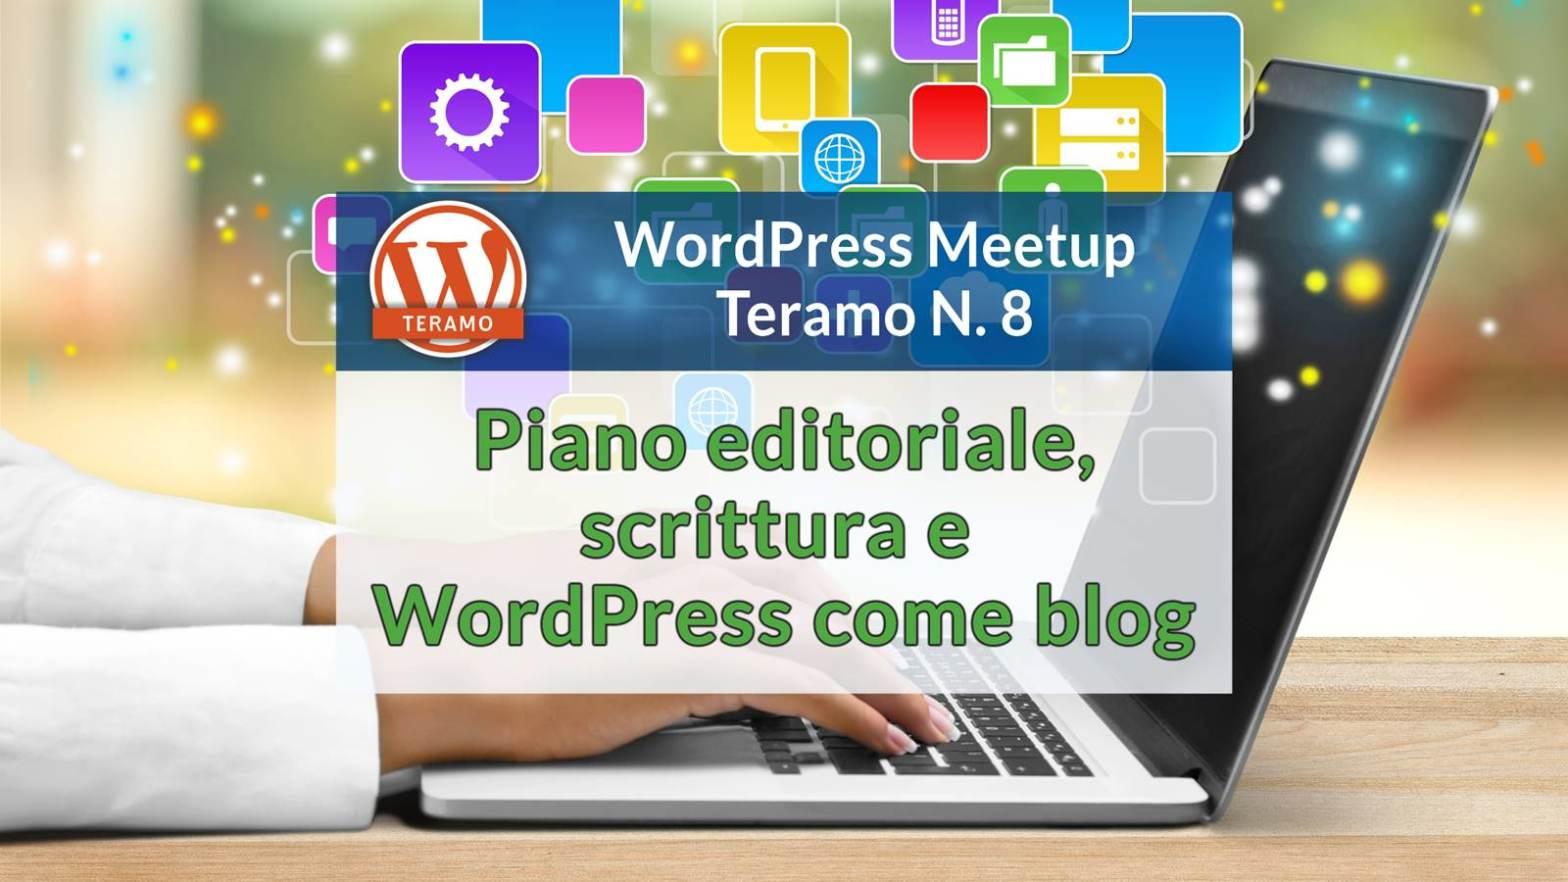 Piano editoriale, scrittura e WordPress come Blog - titolo su sfondo di mani che scrivono su notebook dal cui monitor escono dati e faville